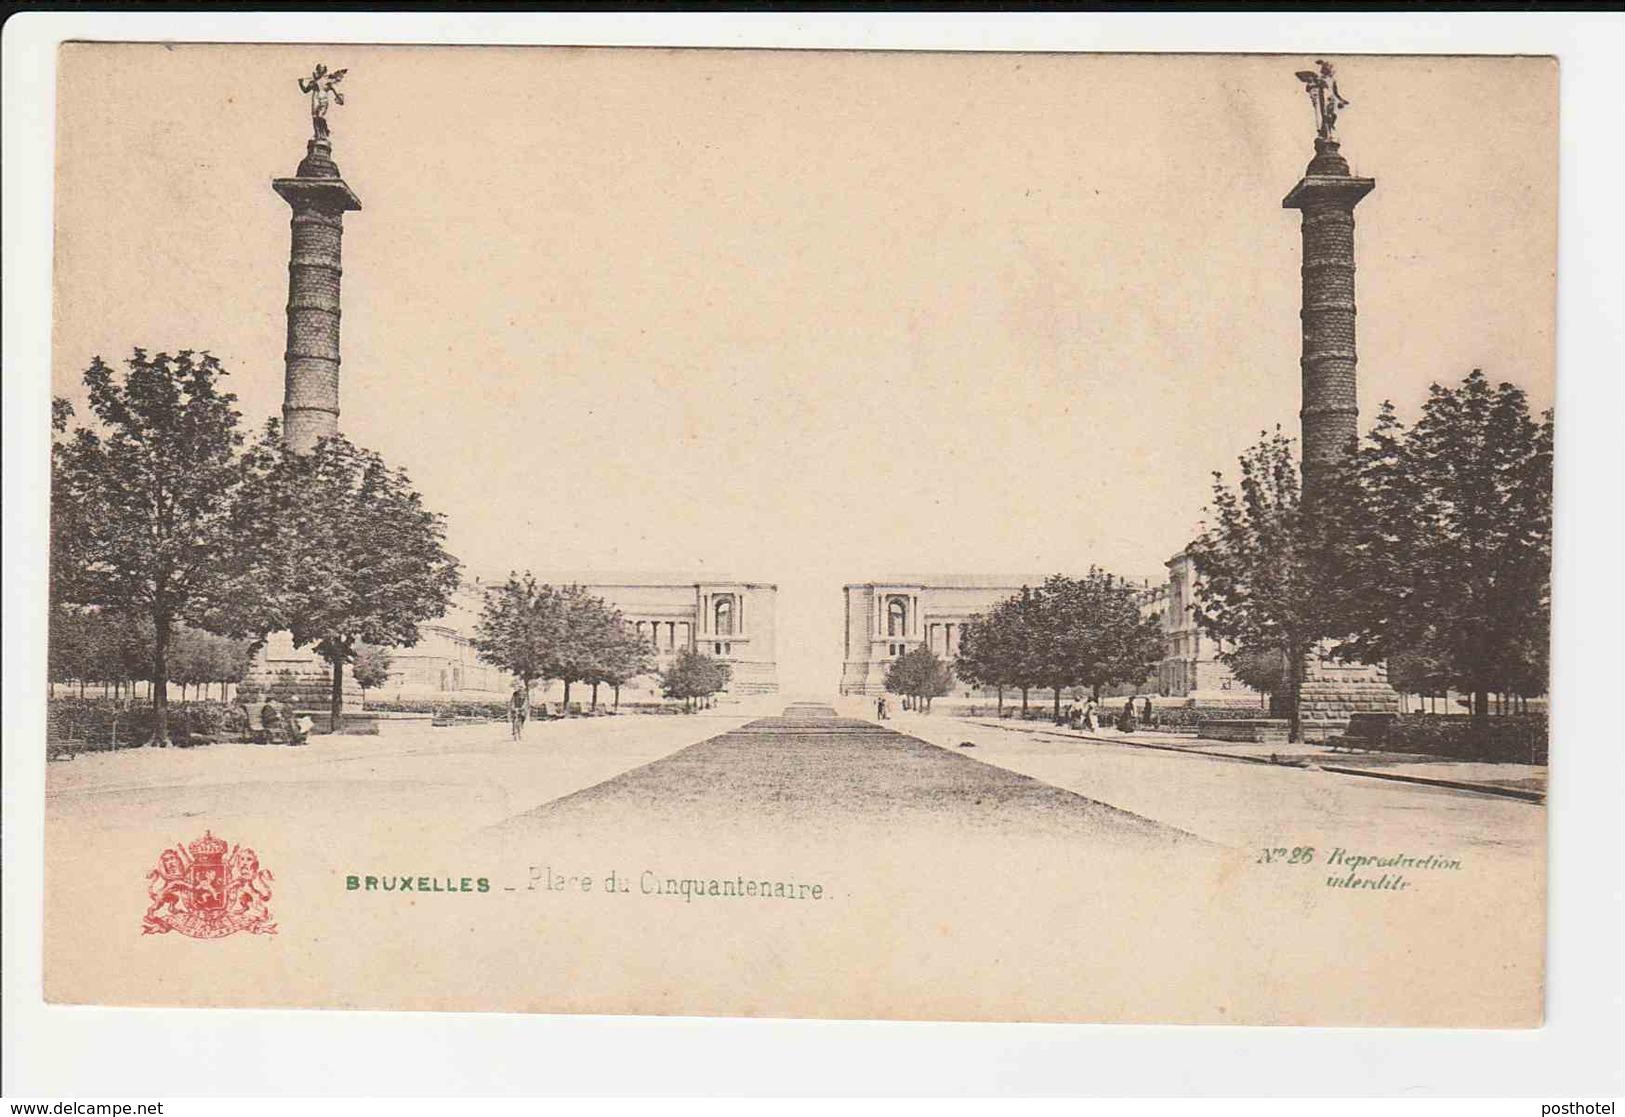 Bruxelles - Place Du Cinquantenaire - Belgien